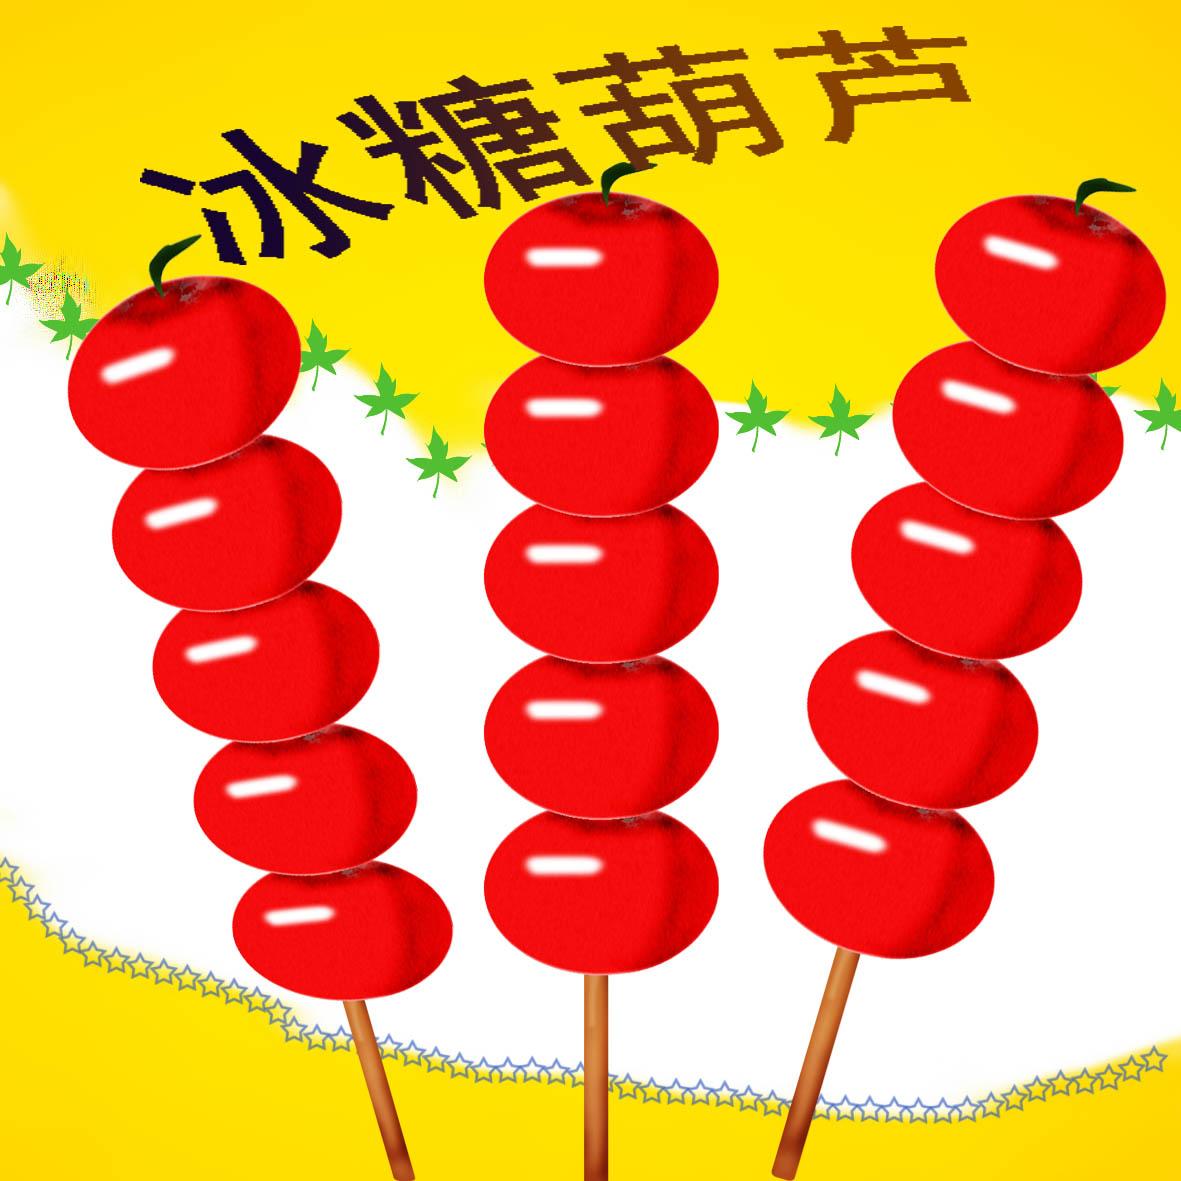 糖葫芦简笔画_糖葫芦简笔画图片_卡通糖葫芦简笔画_热